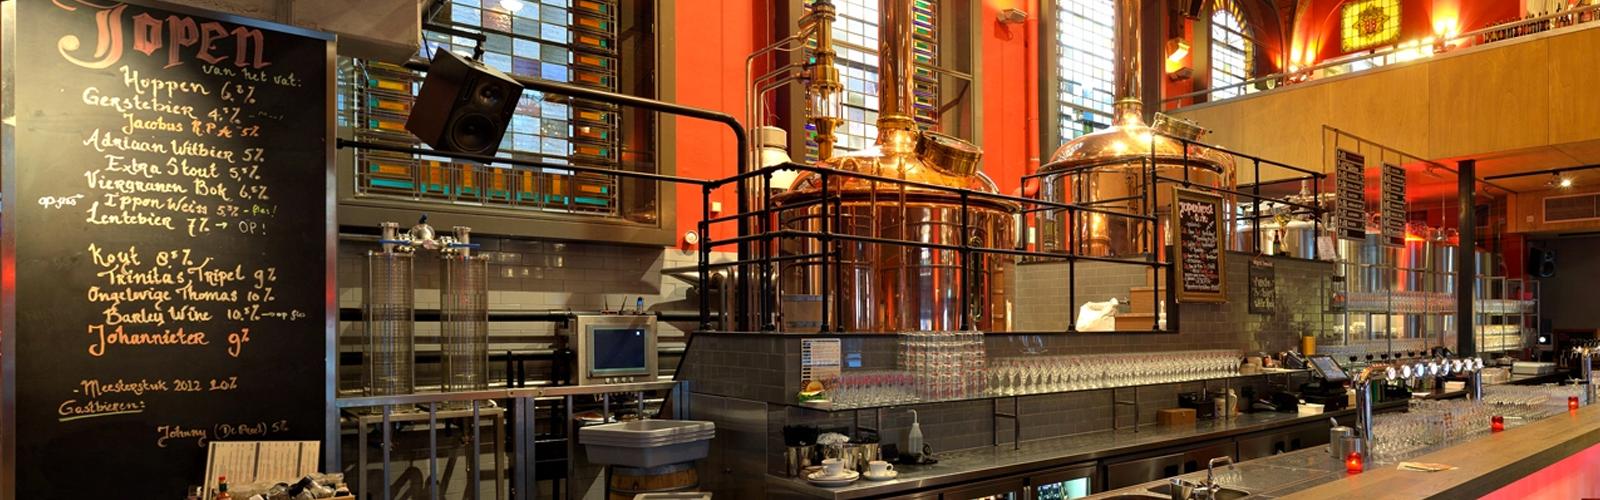 Jopen brouwerij uit Haarlem